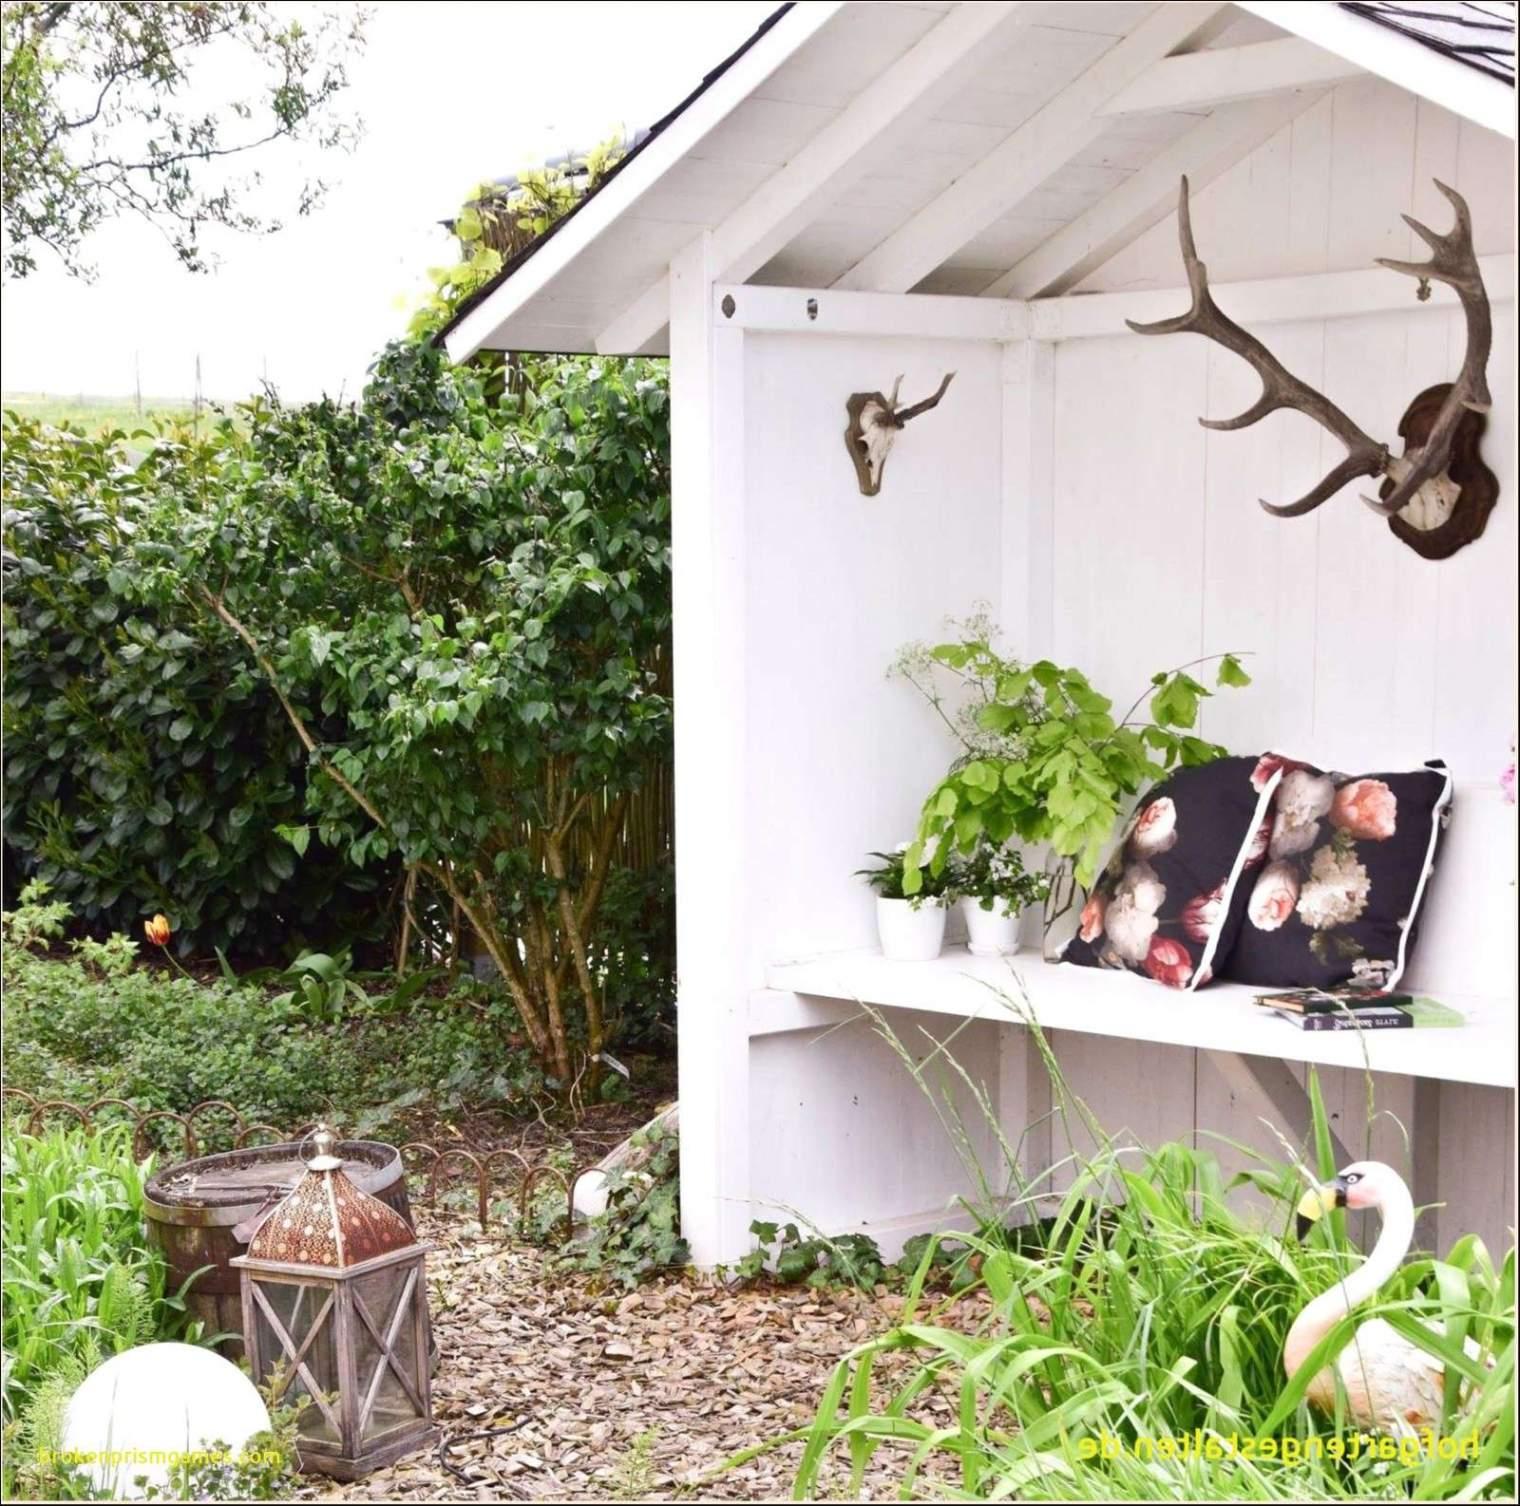 42 luxus hohe pflanzen als sichtschutz grafik pflanzen als sichtschutz im kubel pflanzen als sichtschutz im kubel